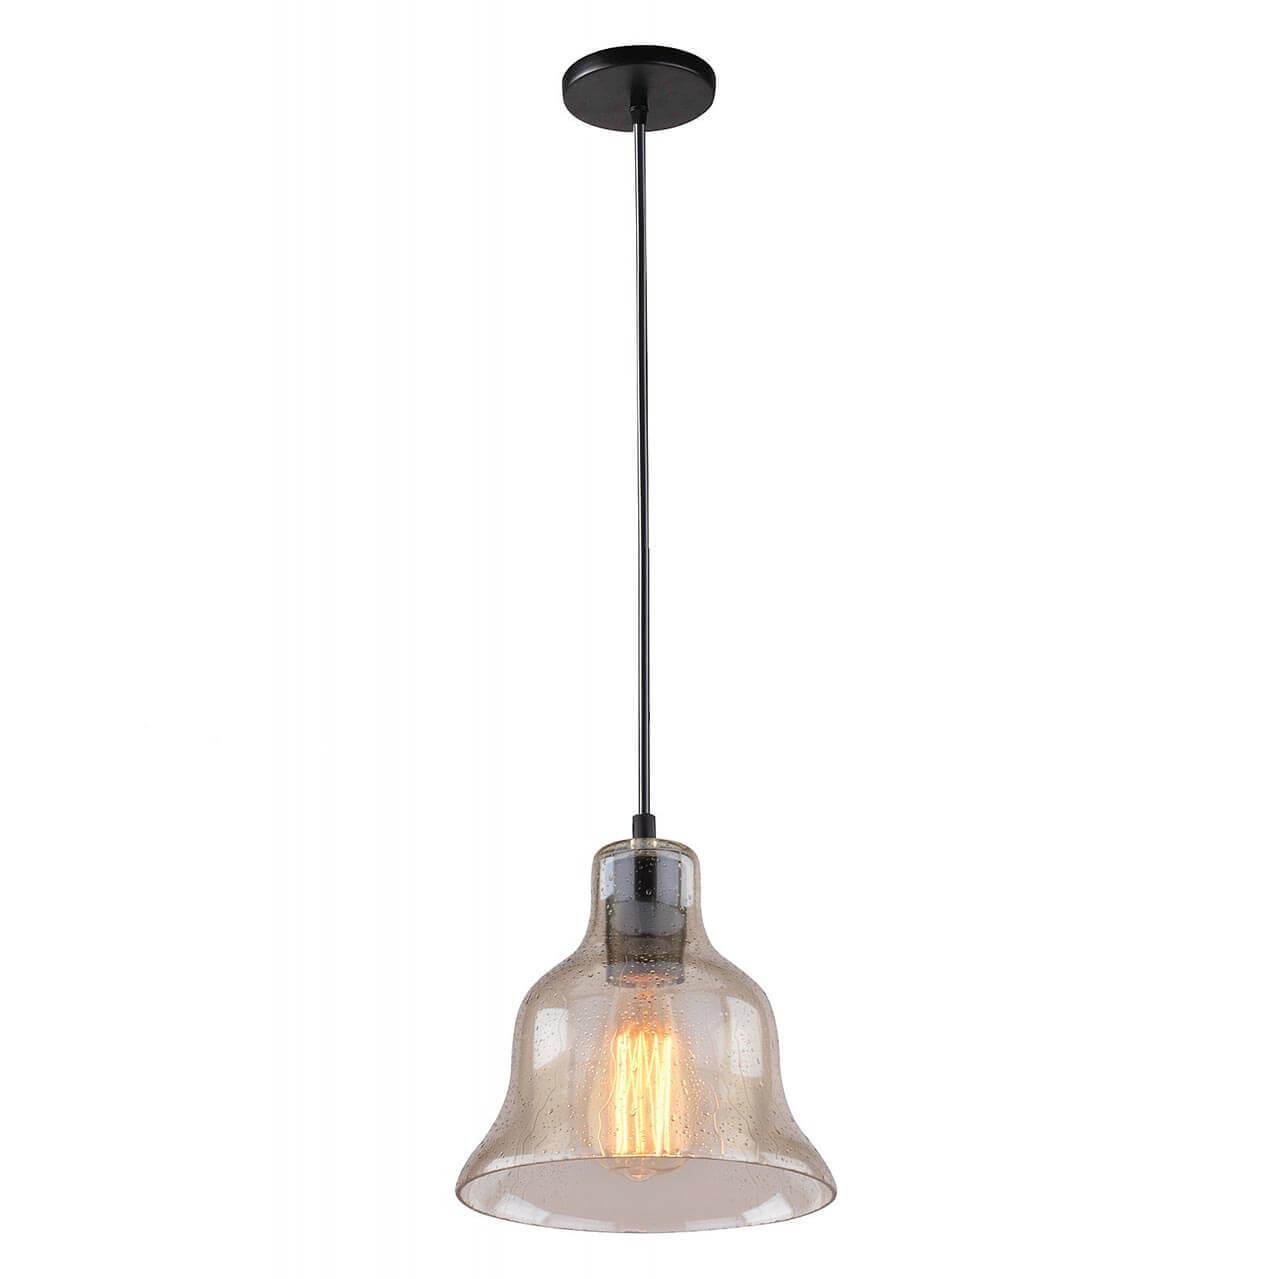 Подвесной светильник Arte Lamp Amiata A4255SP-1AM светильник подвесной arte lamp a8132sp 1am